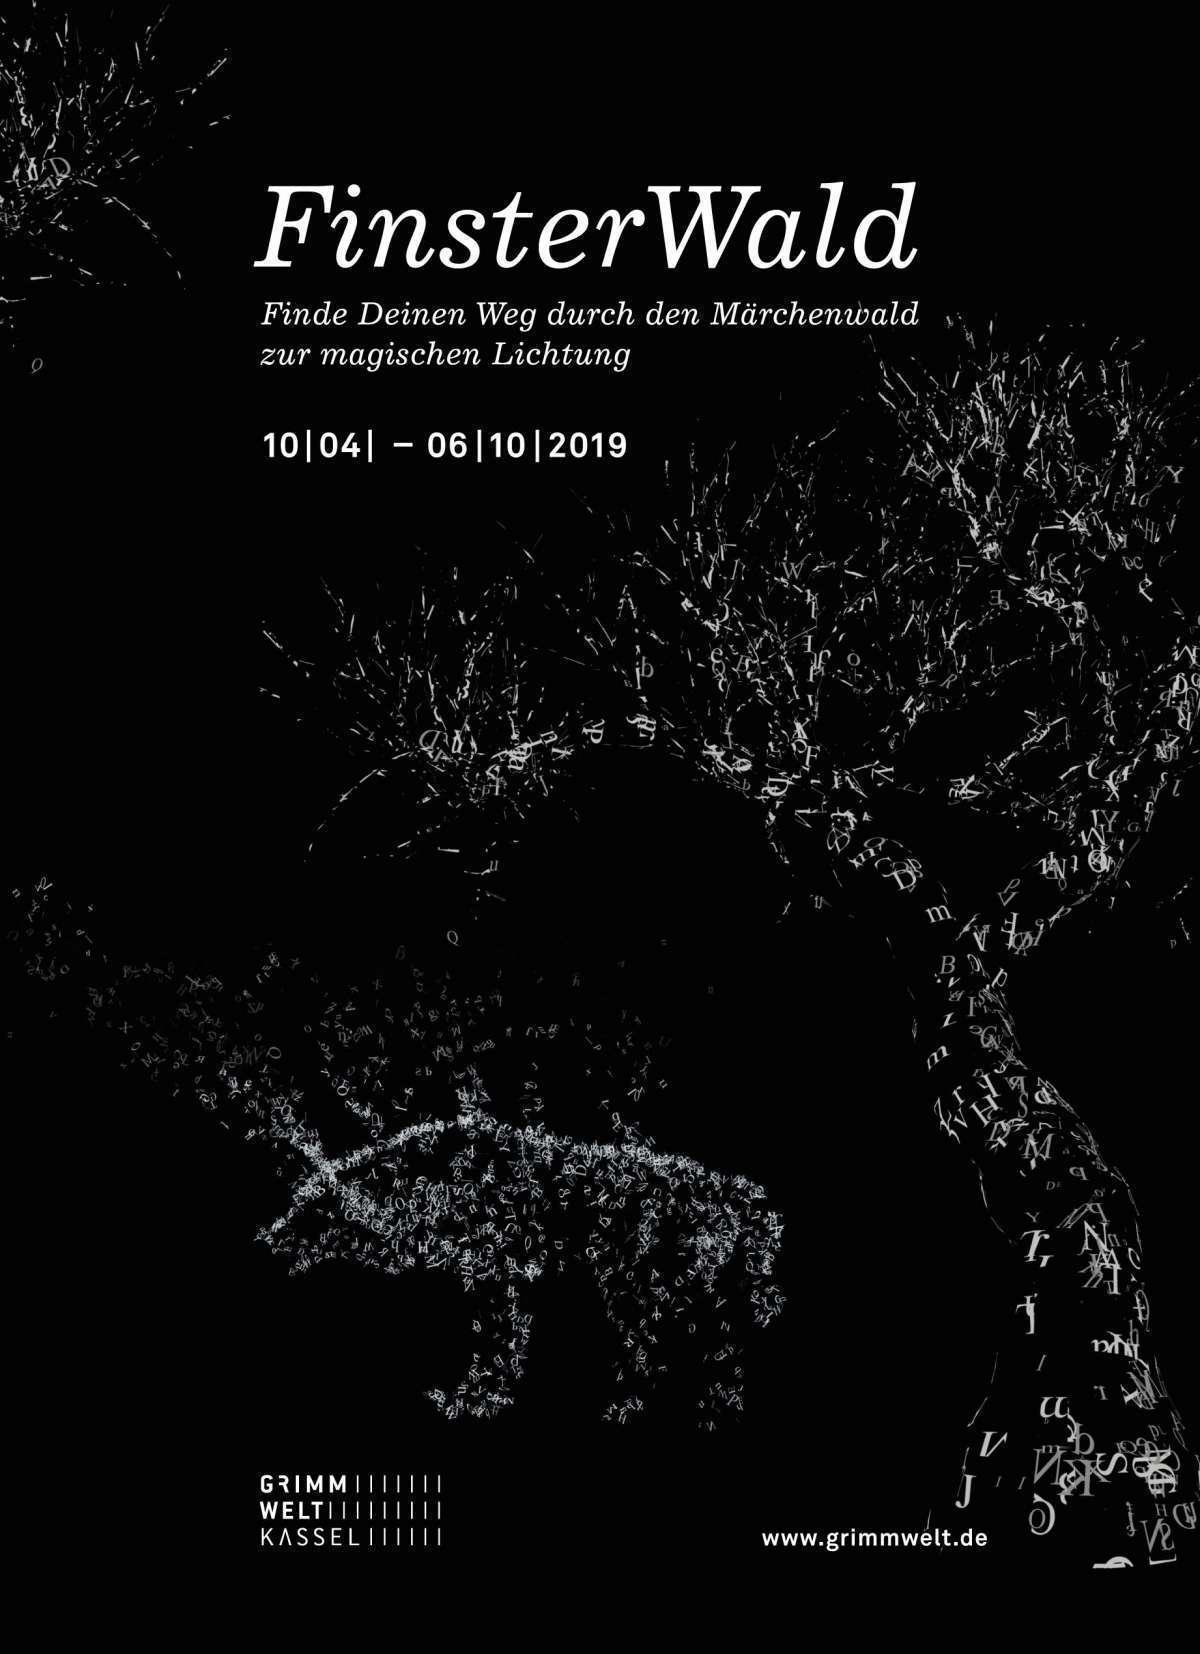 FinsterWald - Grimmwelt  - Kassel